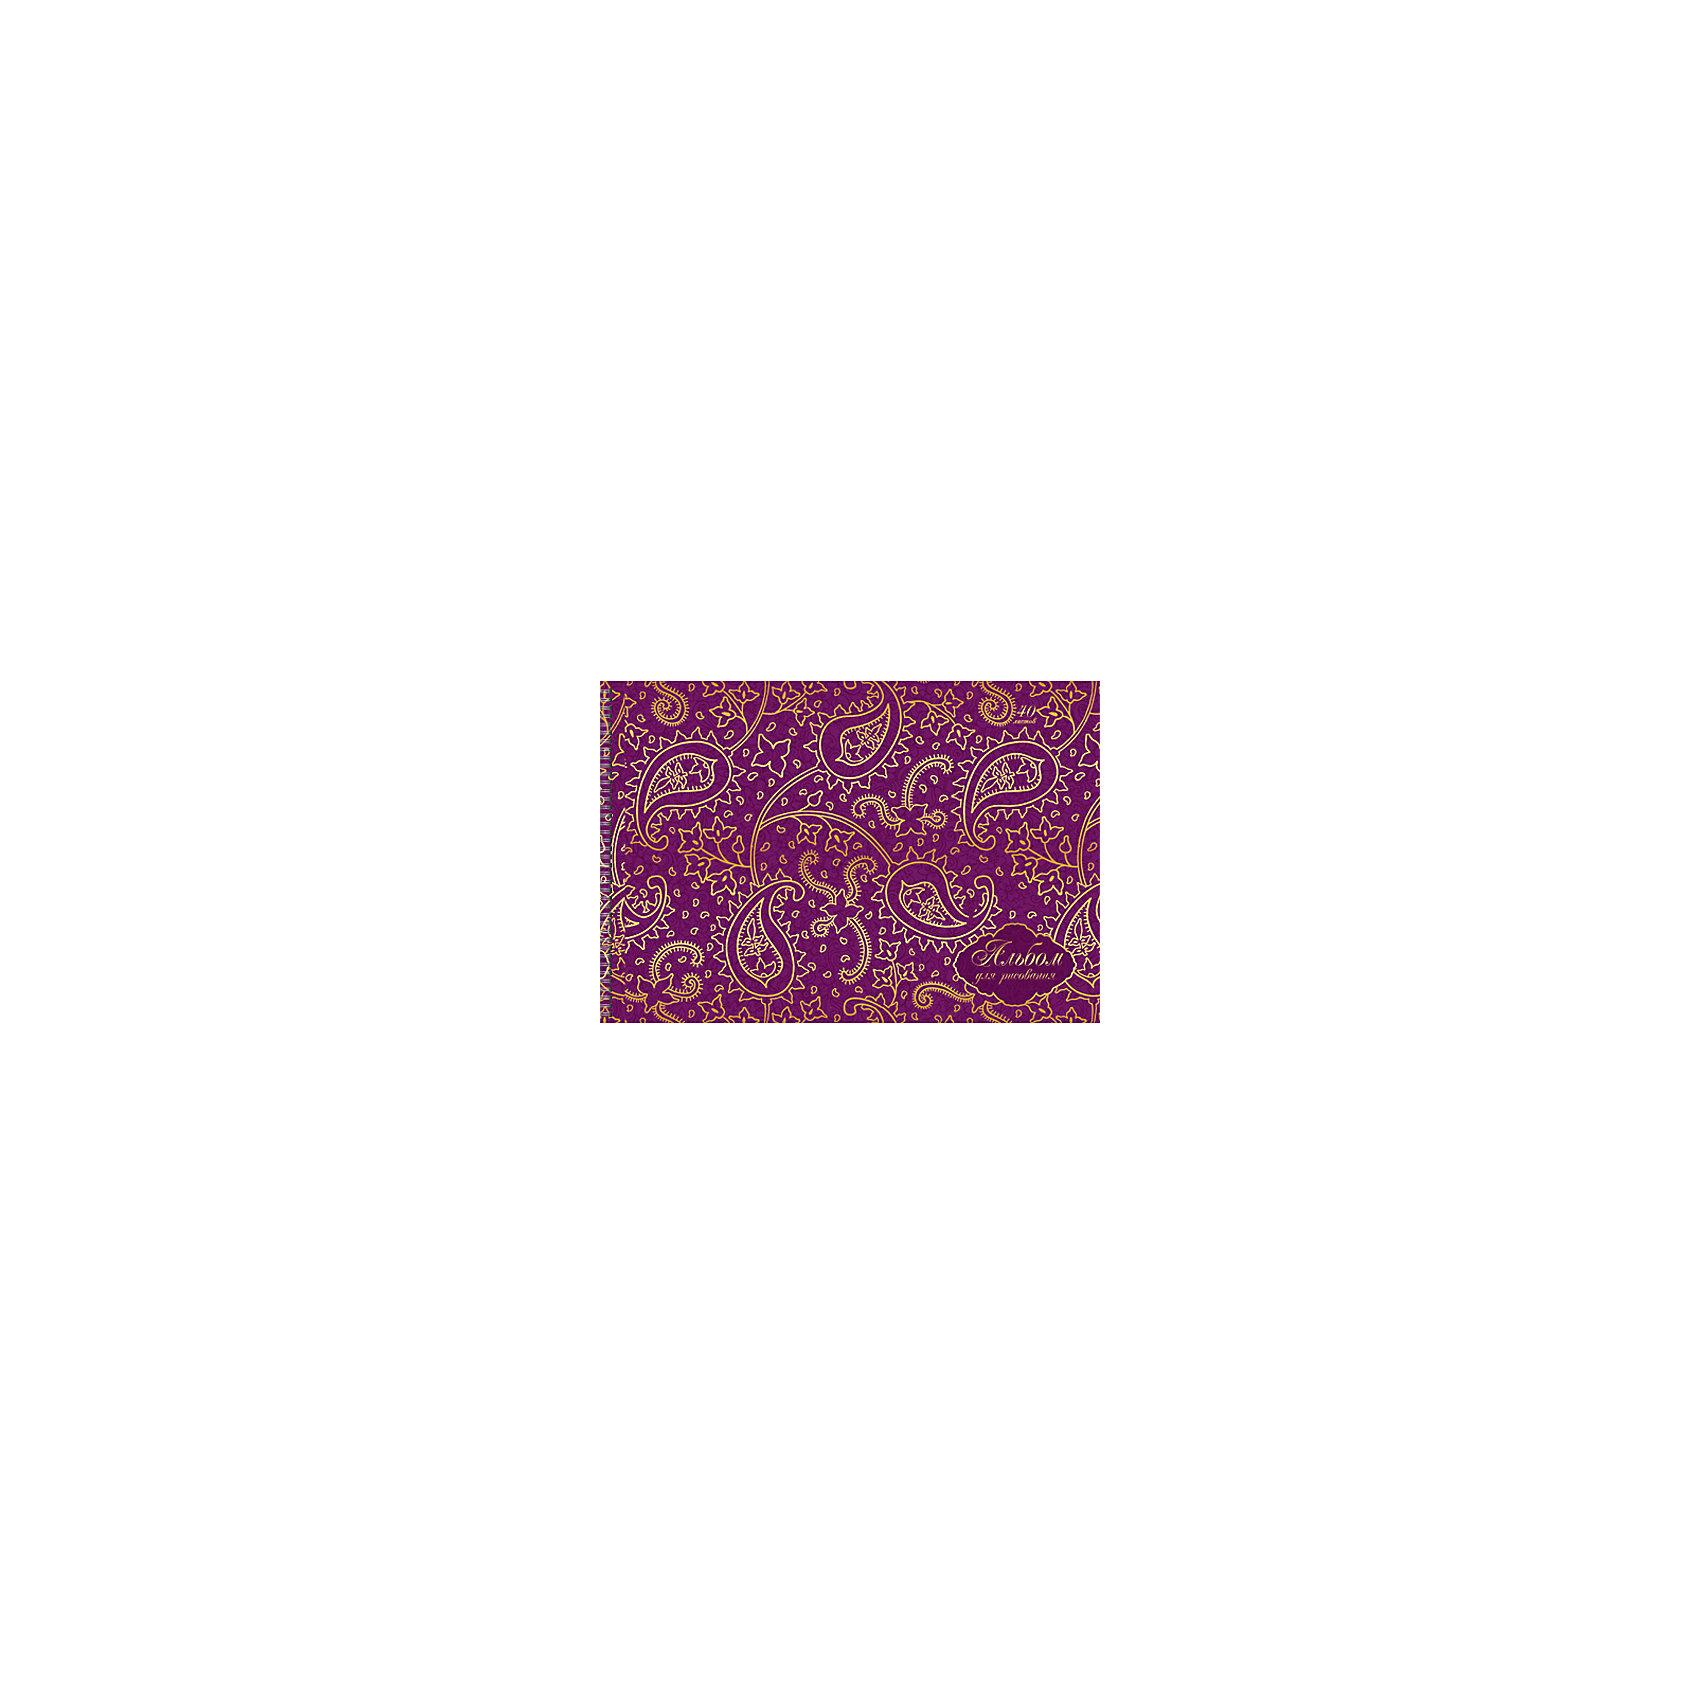 Альбом для рисования Золотой орнамент, 40лАльбом для рисования Золотой орнамент с красивейшим контрастным орнаментом на обложке привлекут внимание и вызовут интерес к творчеству. Рисование хорошо развивает аккуратность, усидчивость и художественные навыки. Альбом из плотной бумаги с привлекательной обложкой - то, что нужно для первых картин будущего художника!<br><br>Дополнительная информация:<br>Количество листов: 40<br>Скрепление: спираль<br>Обложка: мелованный картон, тиснение фольгой Золото, сплошной глянцевый лак<br>Бумага: офсет, плотностью 110 г/м2<br>Альбом для рисования Золотой орнамент вы можете приобрести в нашем интернет-магазине.<br><br>Ширина мм: 210<br>Глубина мм: 297<br>Высота мм: 13<br>Вес г: 262<br>Возраст от месяцев: 72<br>Возраст до месяцев: 144<br>Пол: Унисекс<br>Возраст: Детский<br>SKU: 4942450